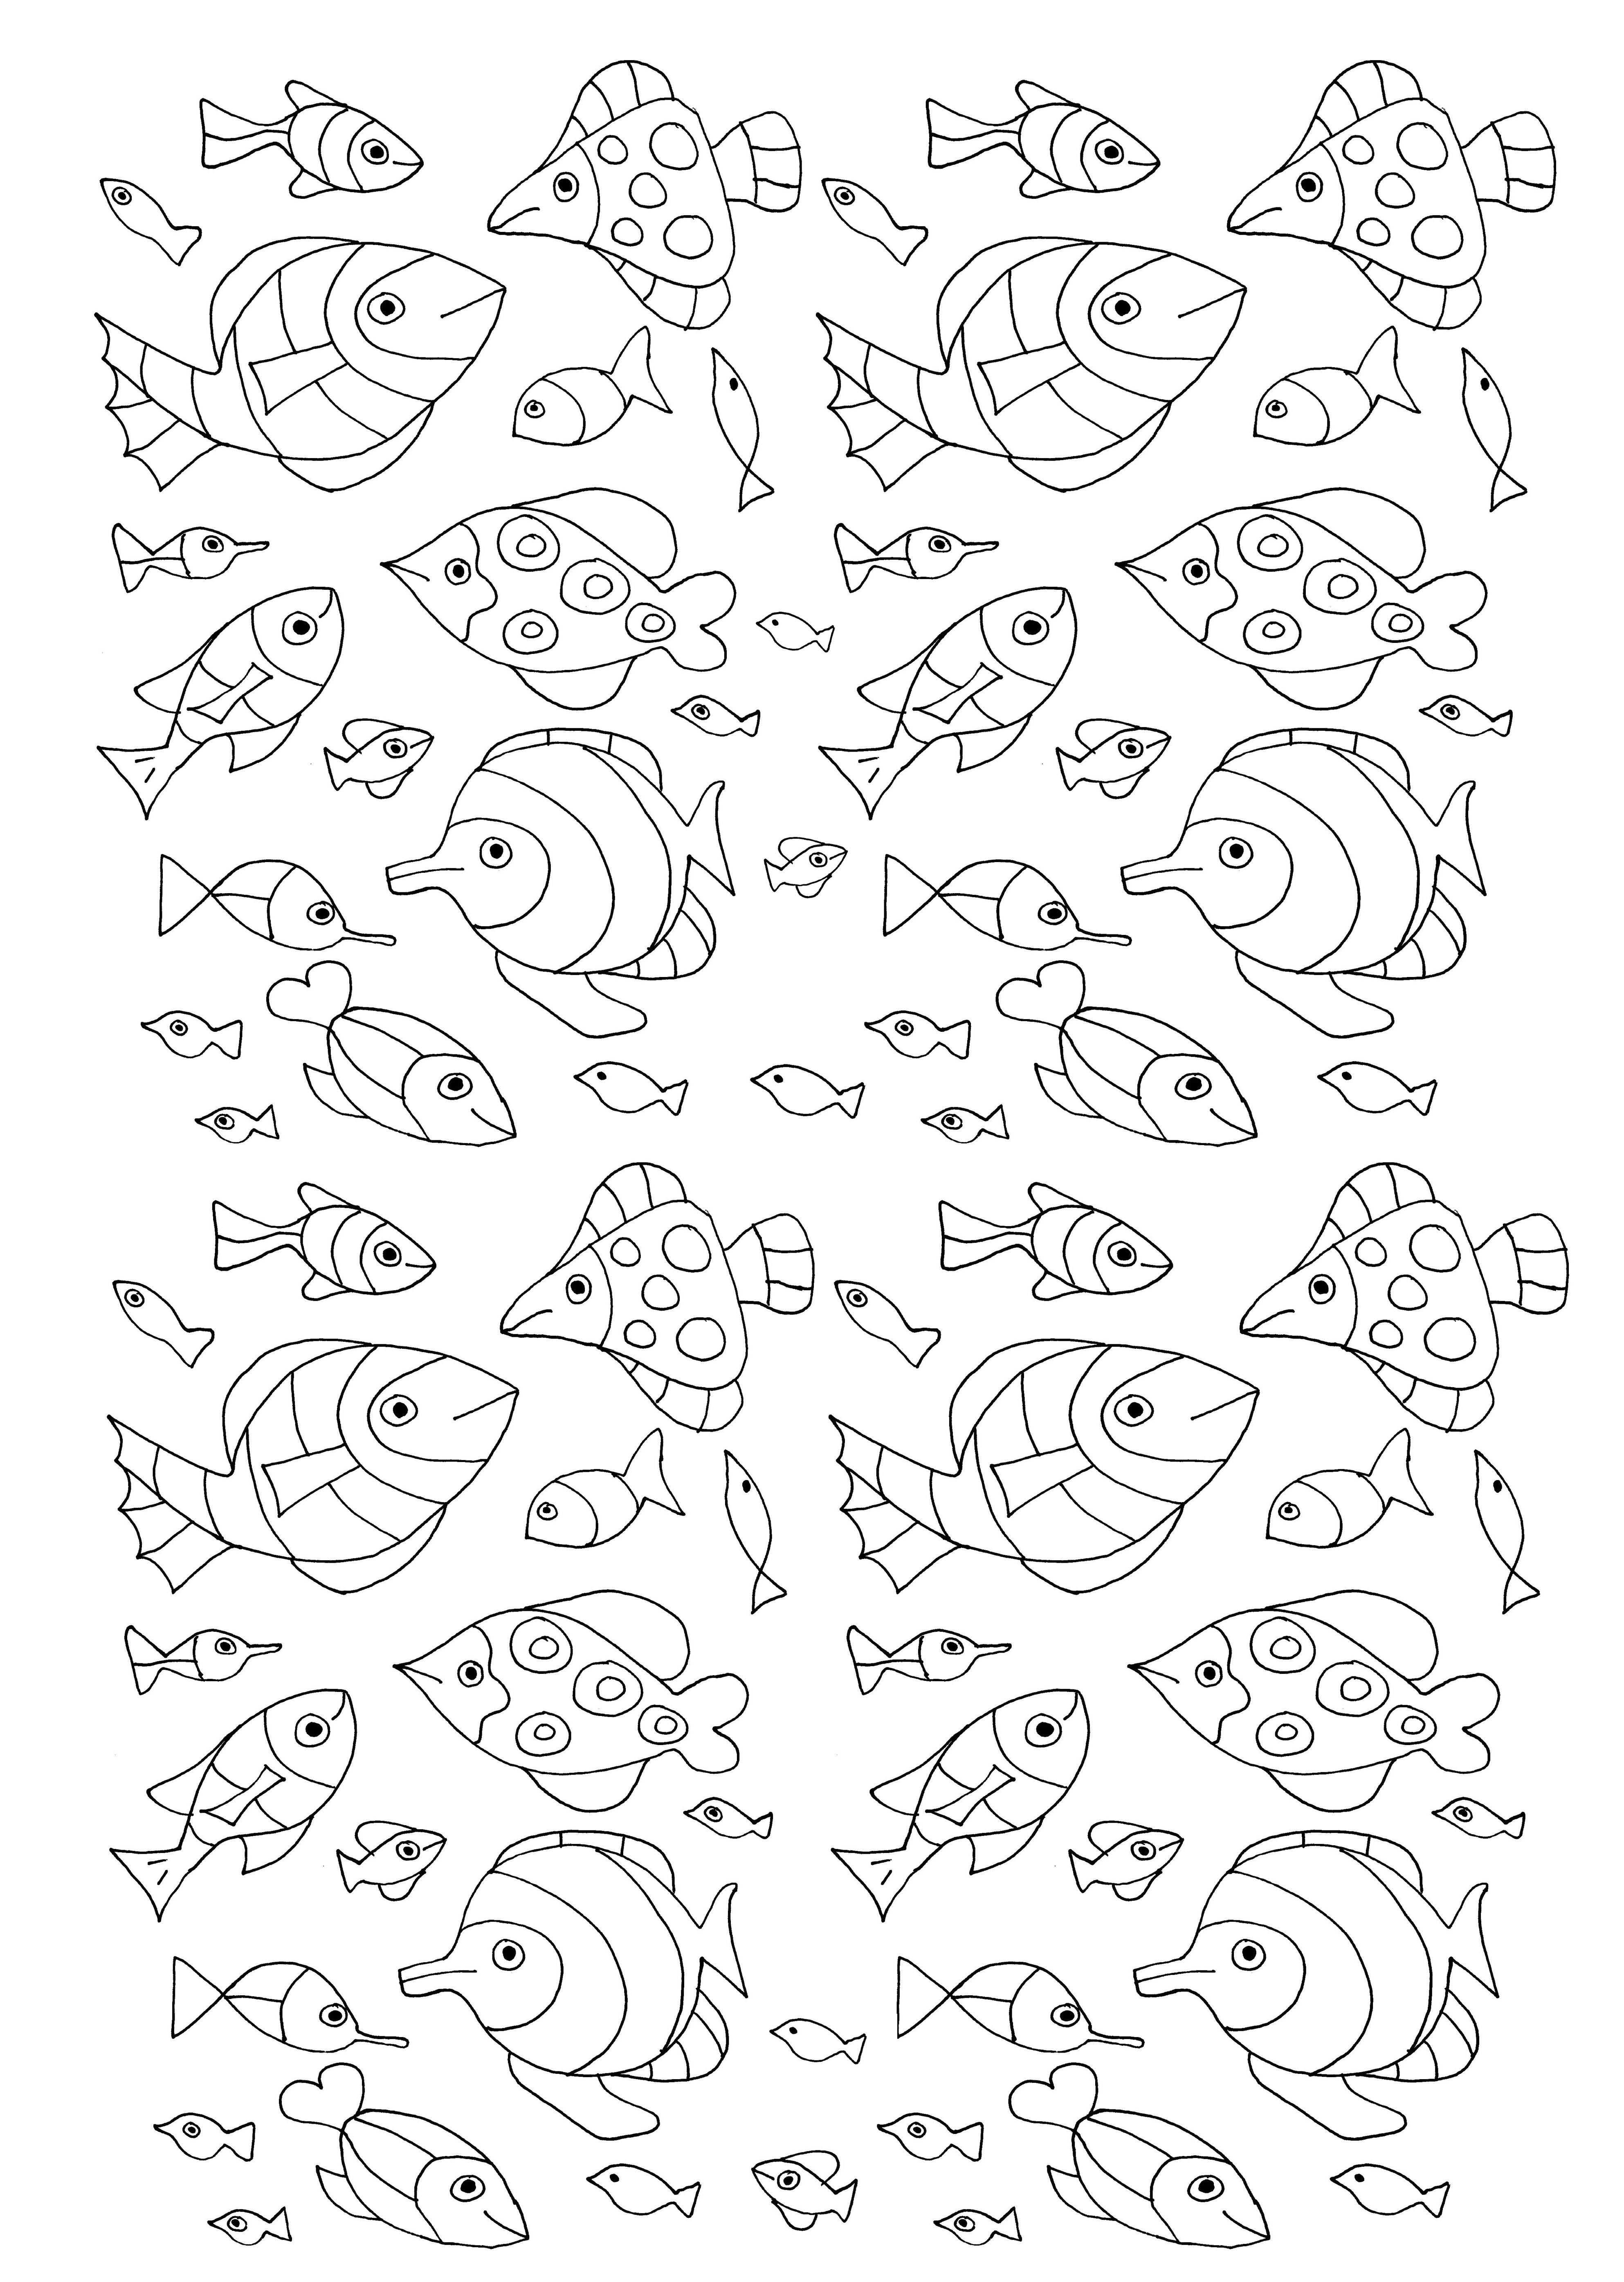 De nombreux poissons pour un coloriage aquatique